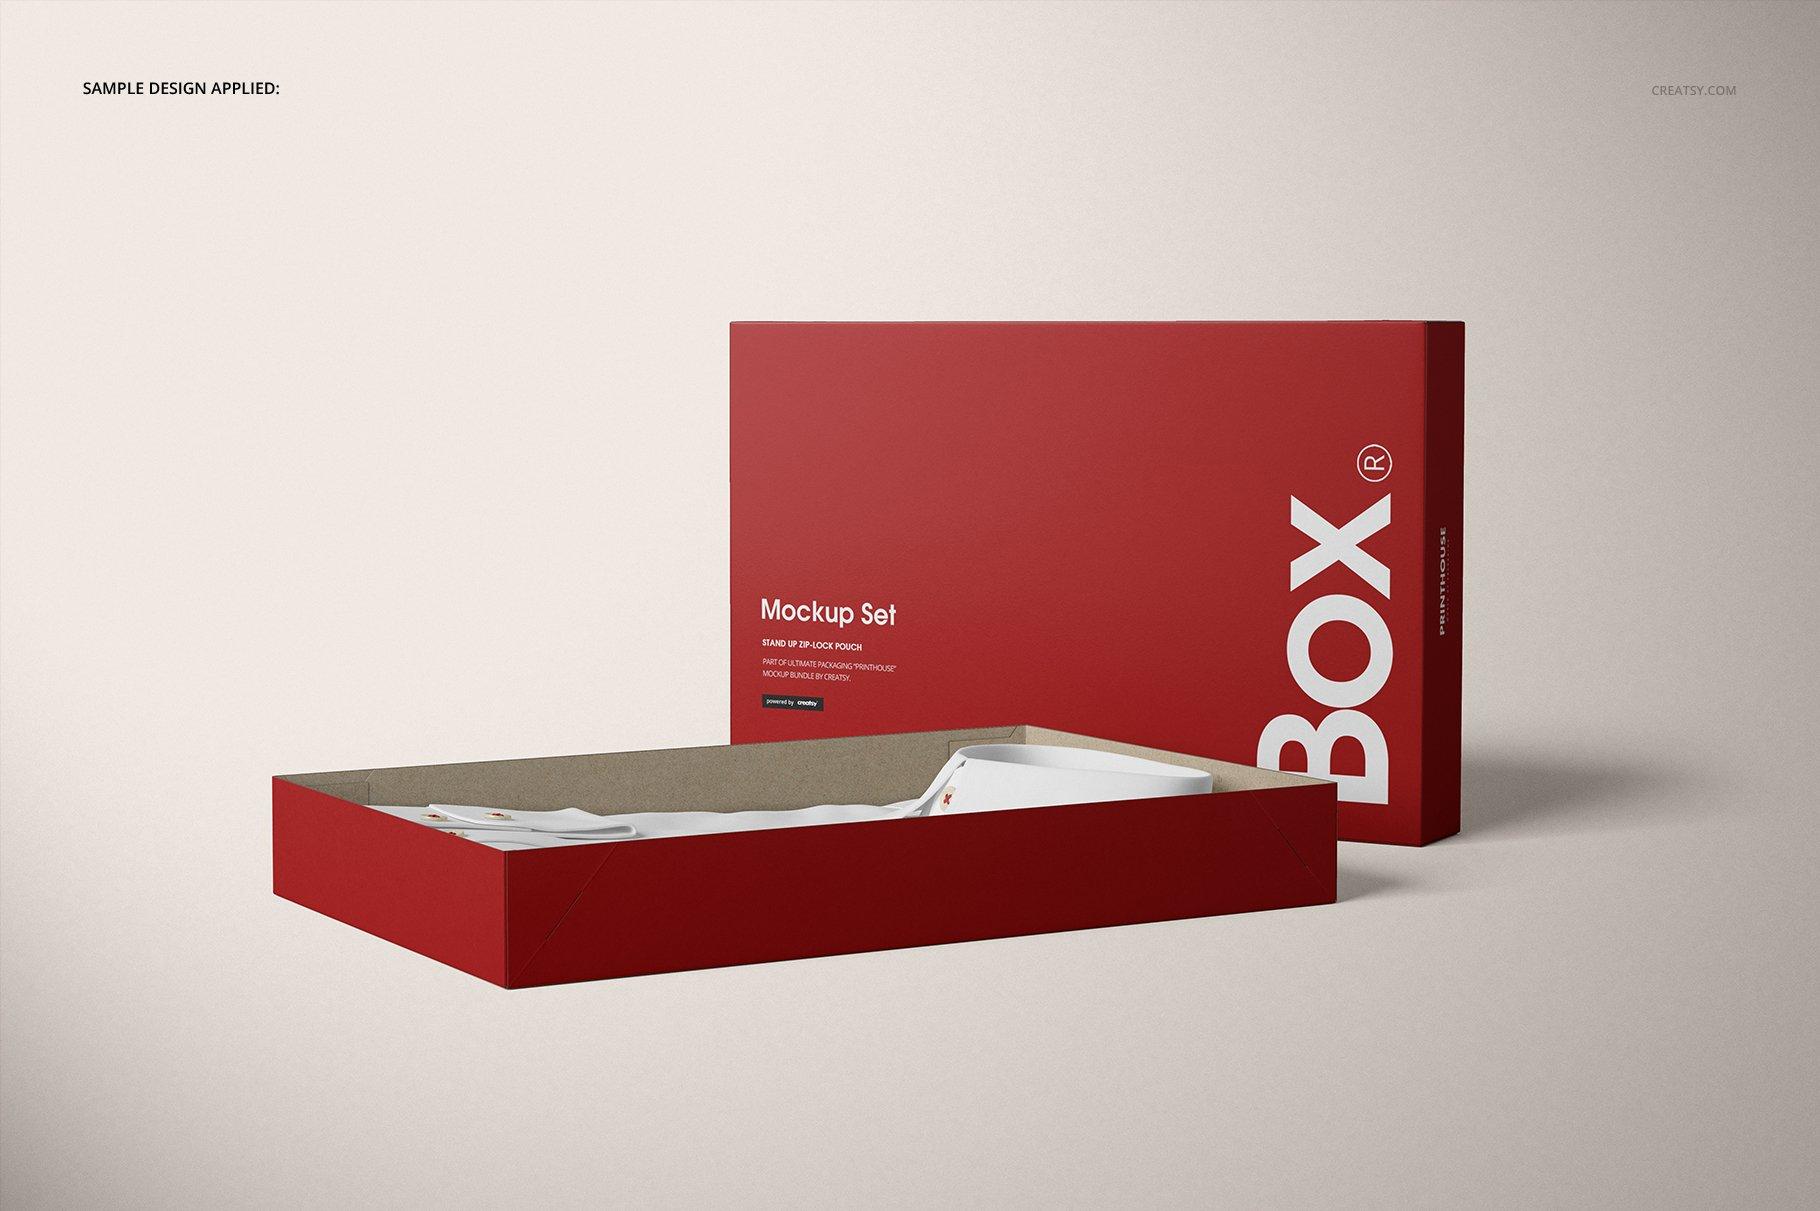 现代时尚服装纸盒设计展示贴图样机模板合集 2-Piece Apparel Box Mockup Set插图(7)